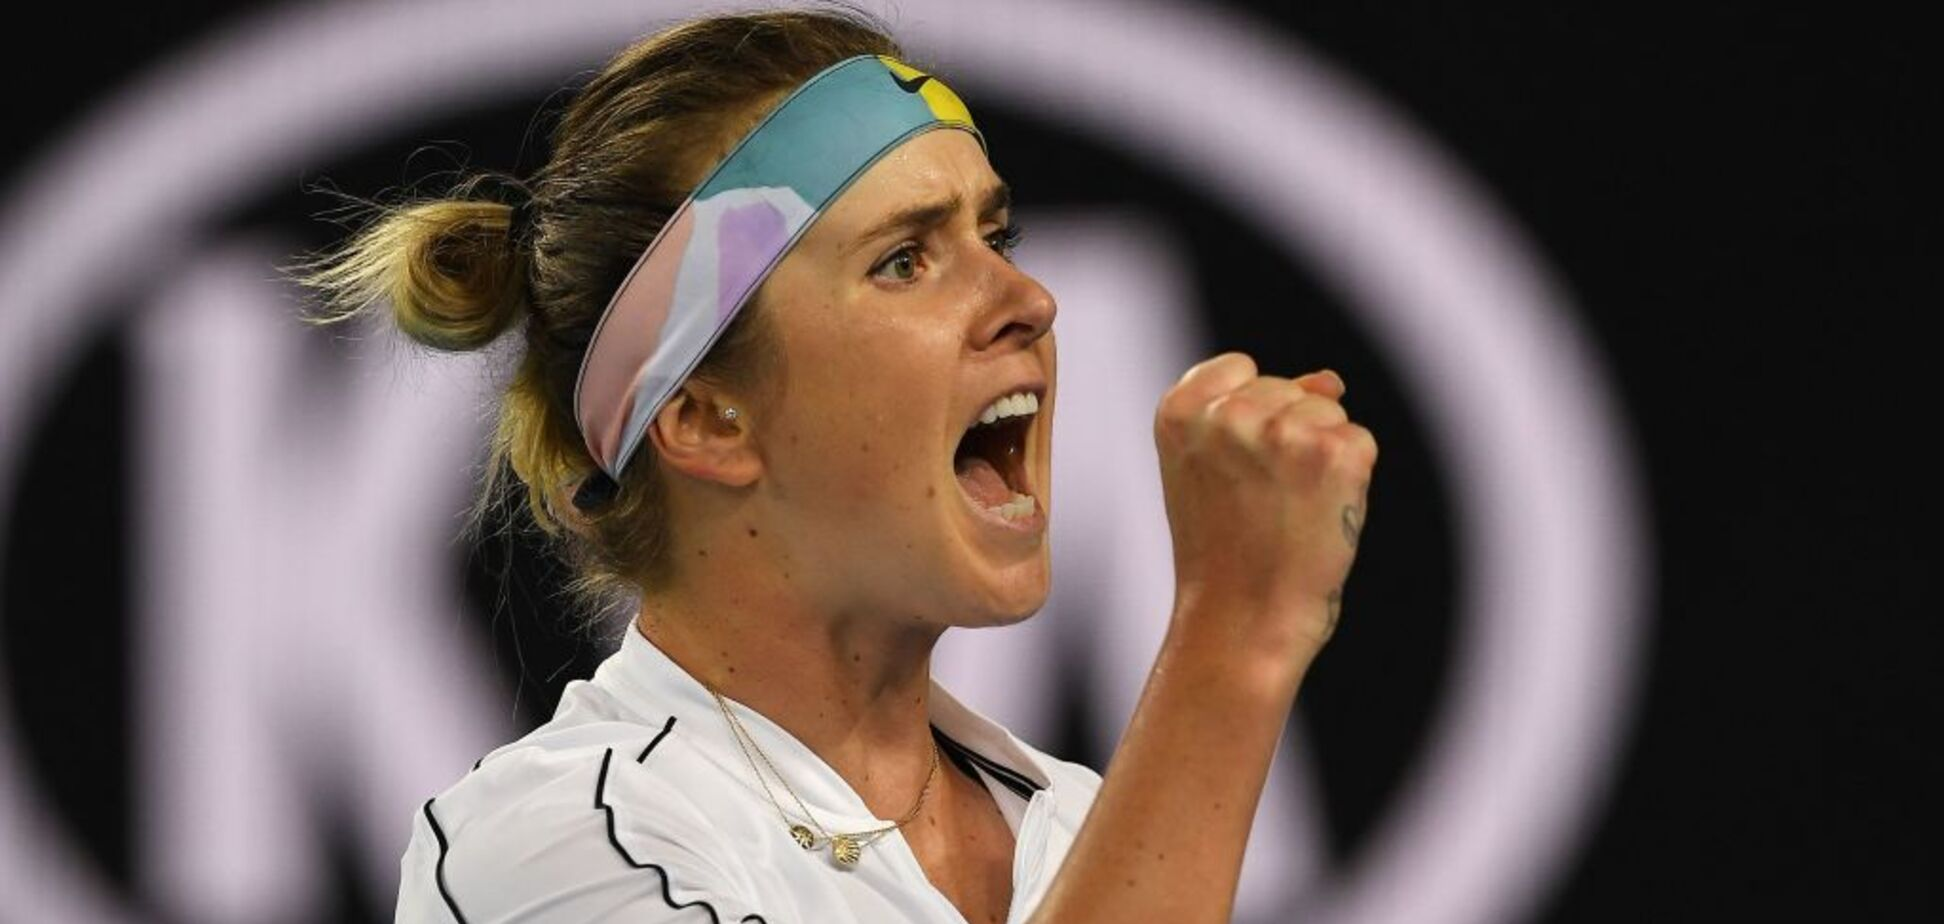 'Бумеранг' Світоліної: шедевральний удар українки на Australian Open підірвав мережу